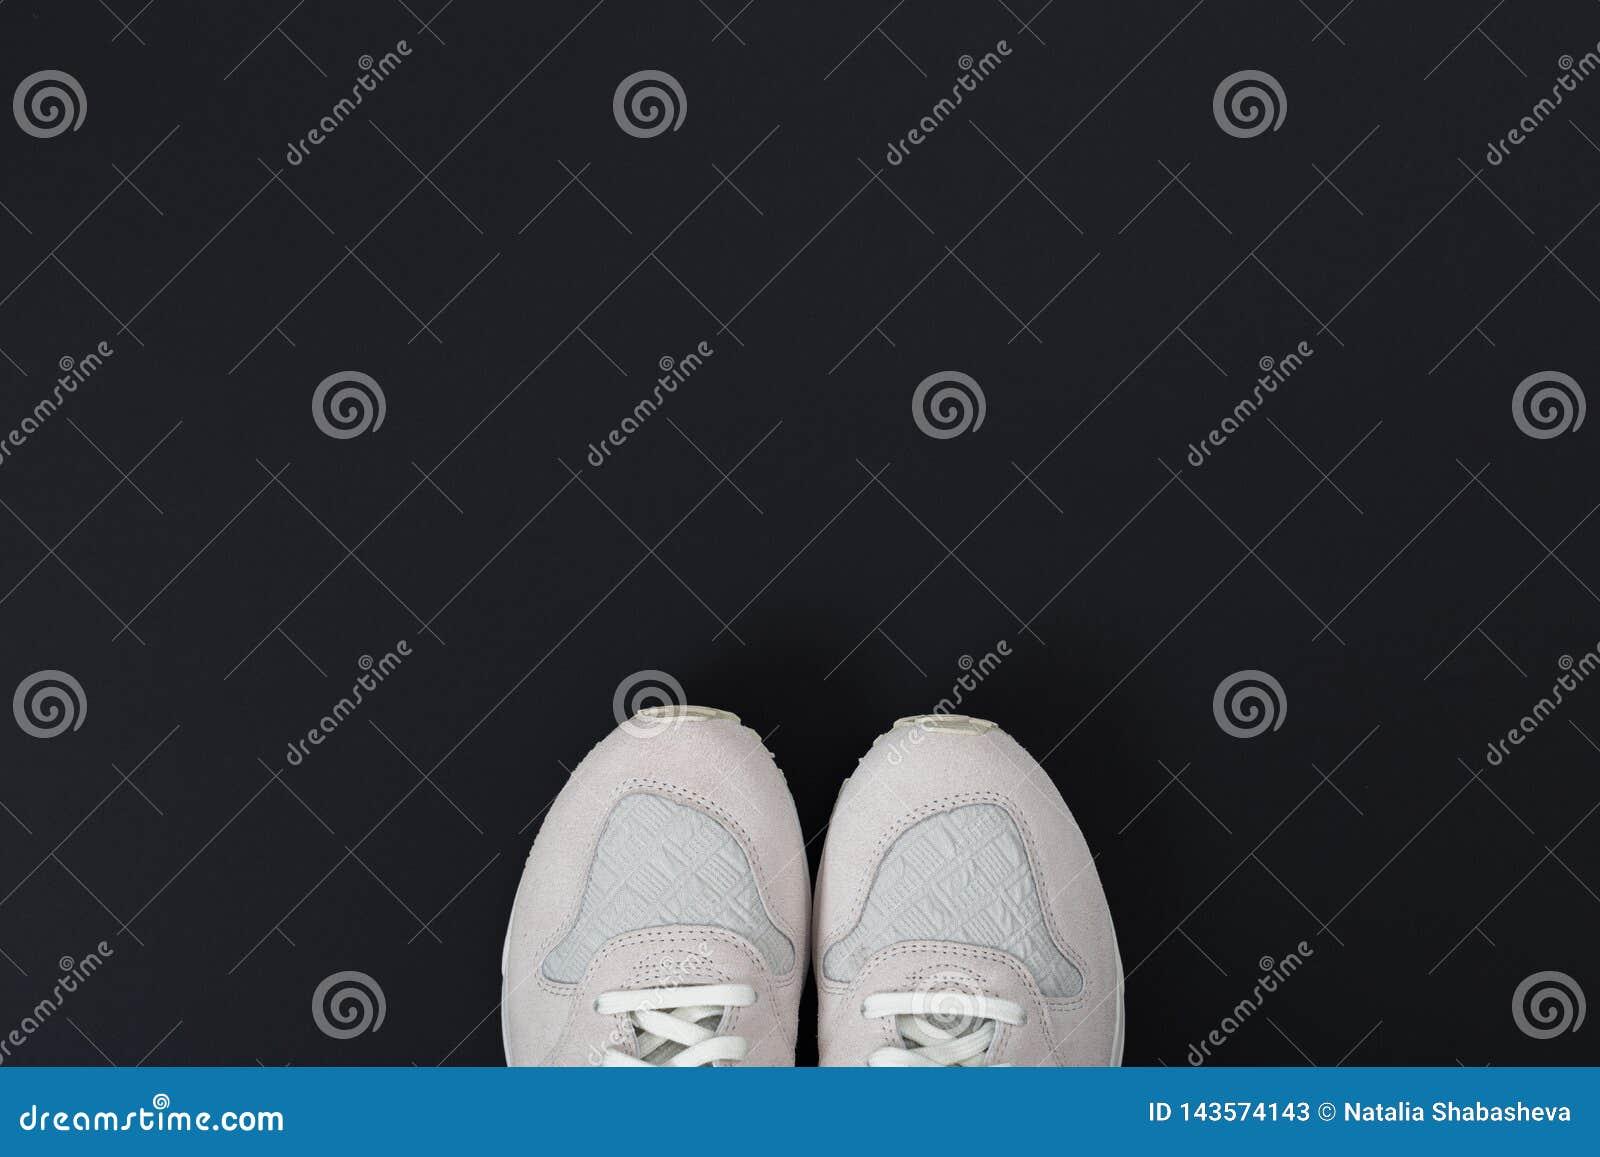 Αθλητικά πάνινα παπούτσια στο μαύρο υπόβαθρο